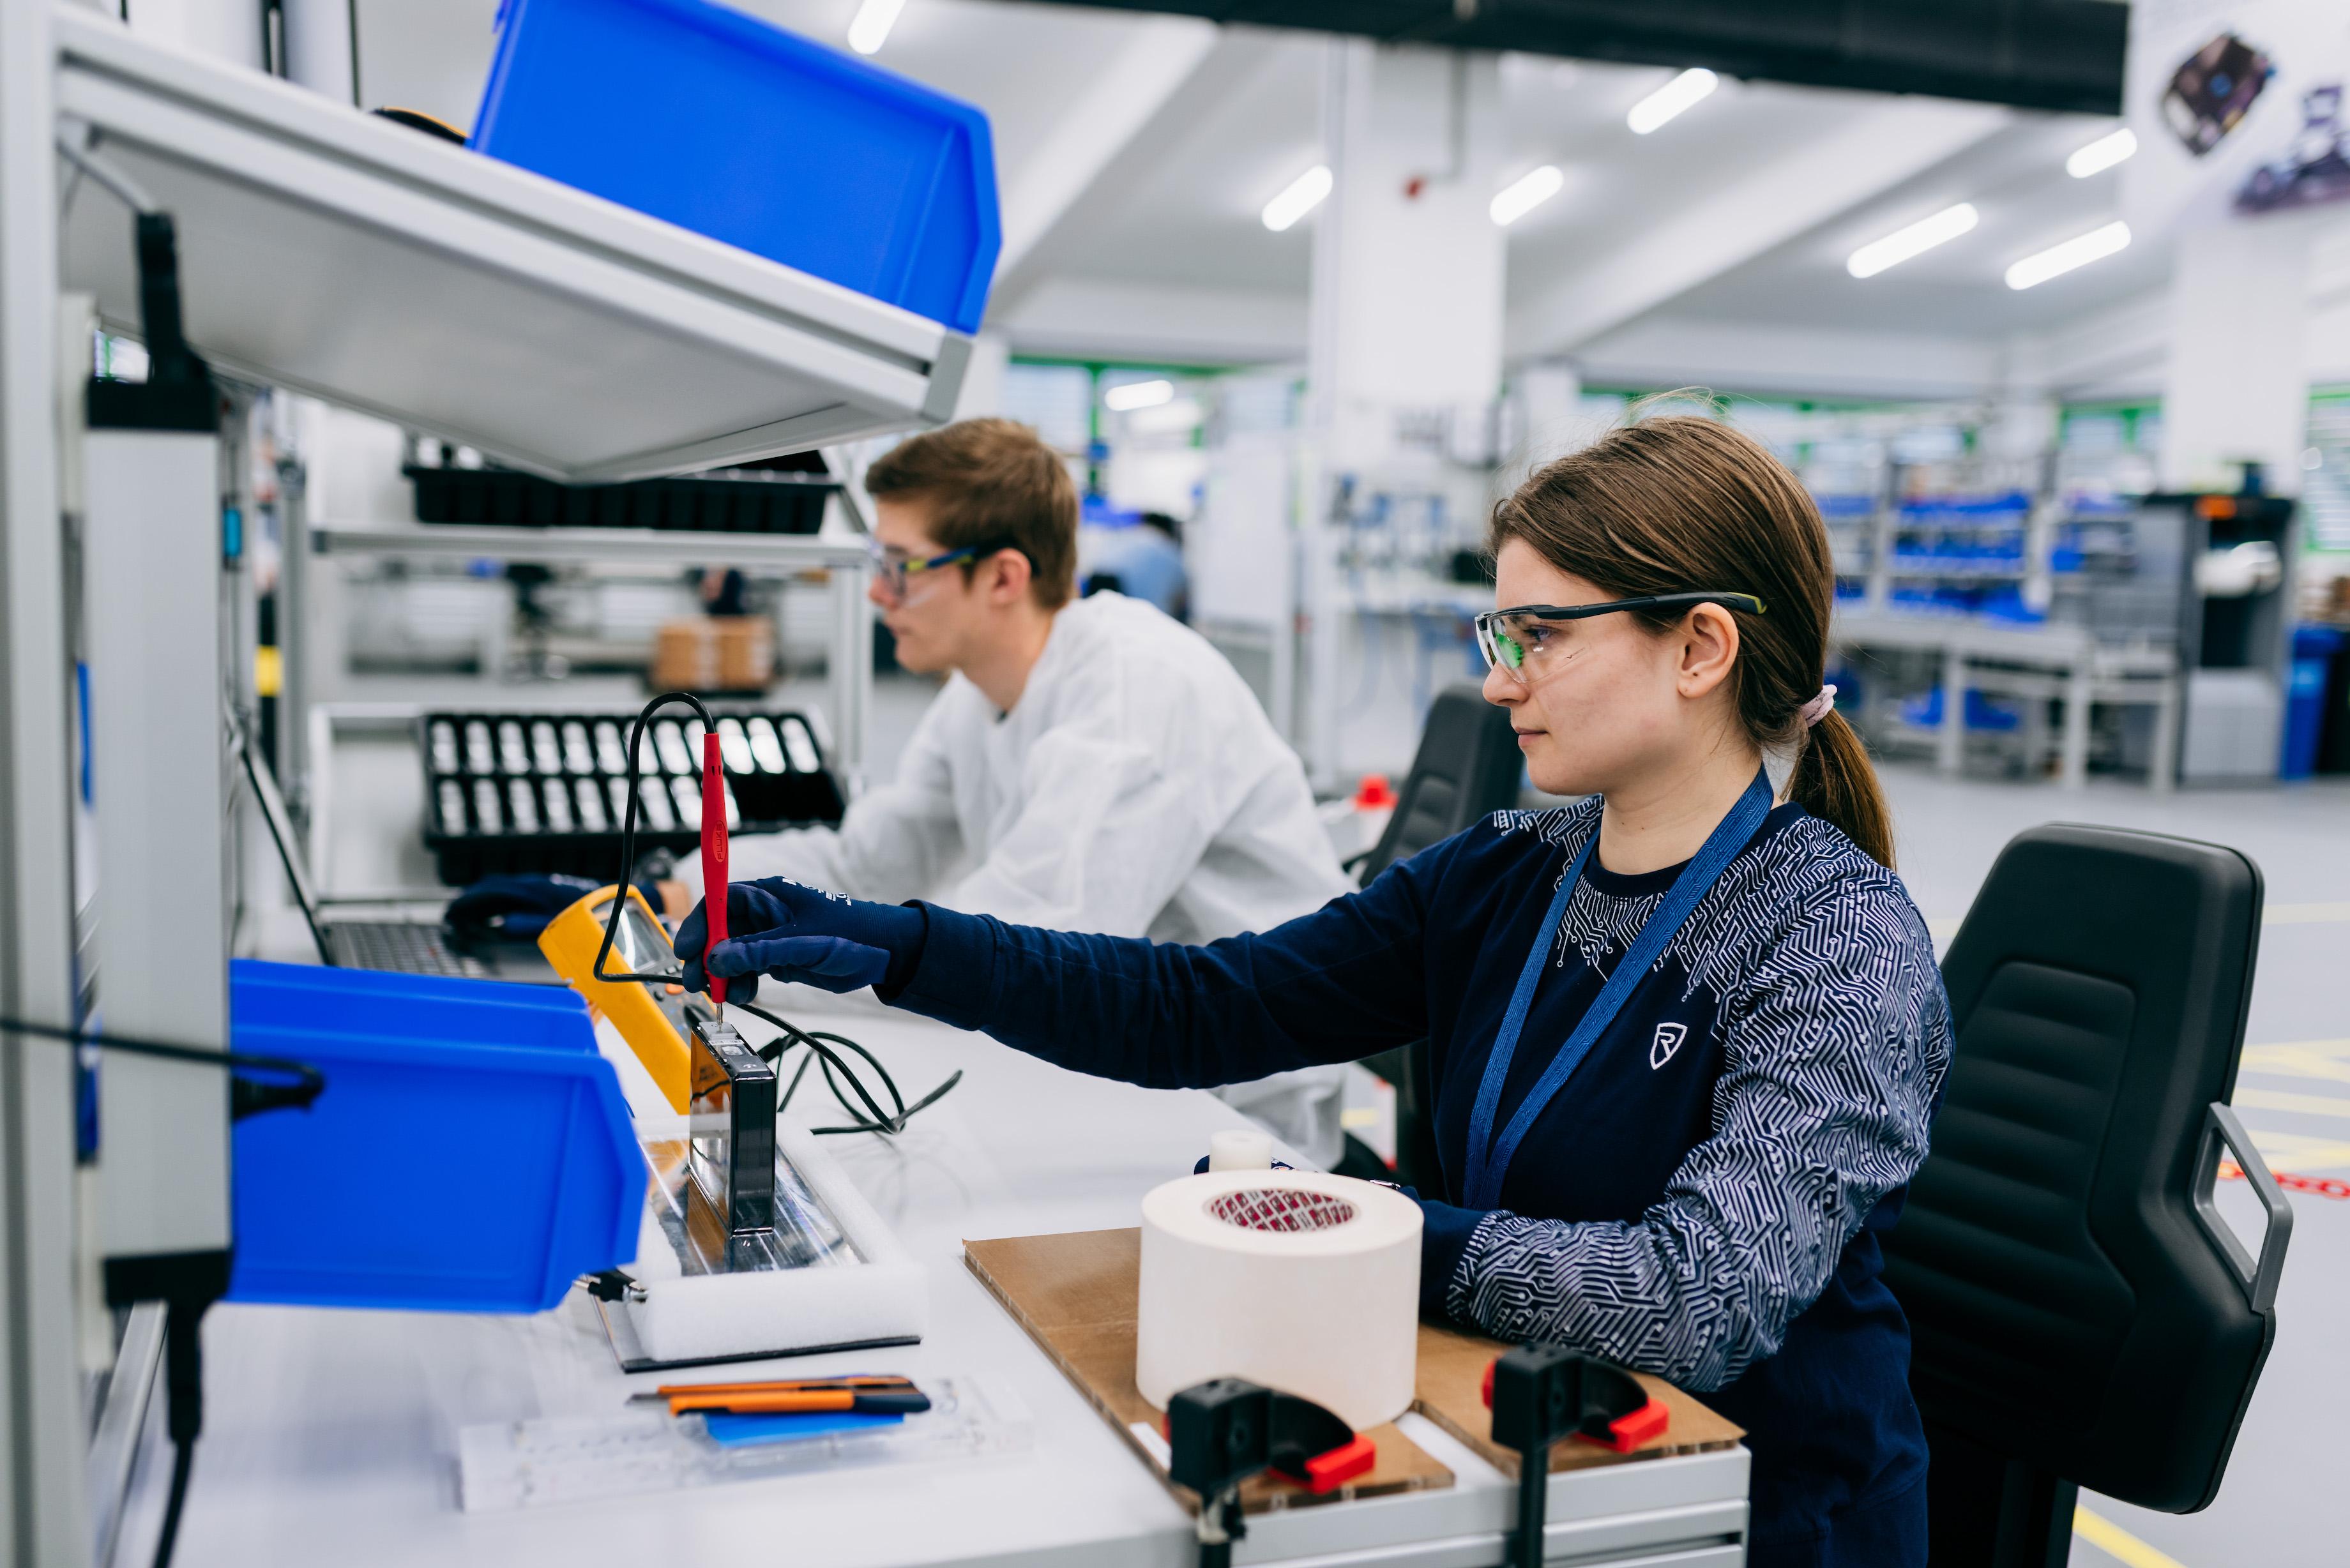 Rimac se uveljavlja kot dobavitelj naprednih sistemov za električno mobilnost.